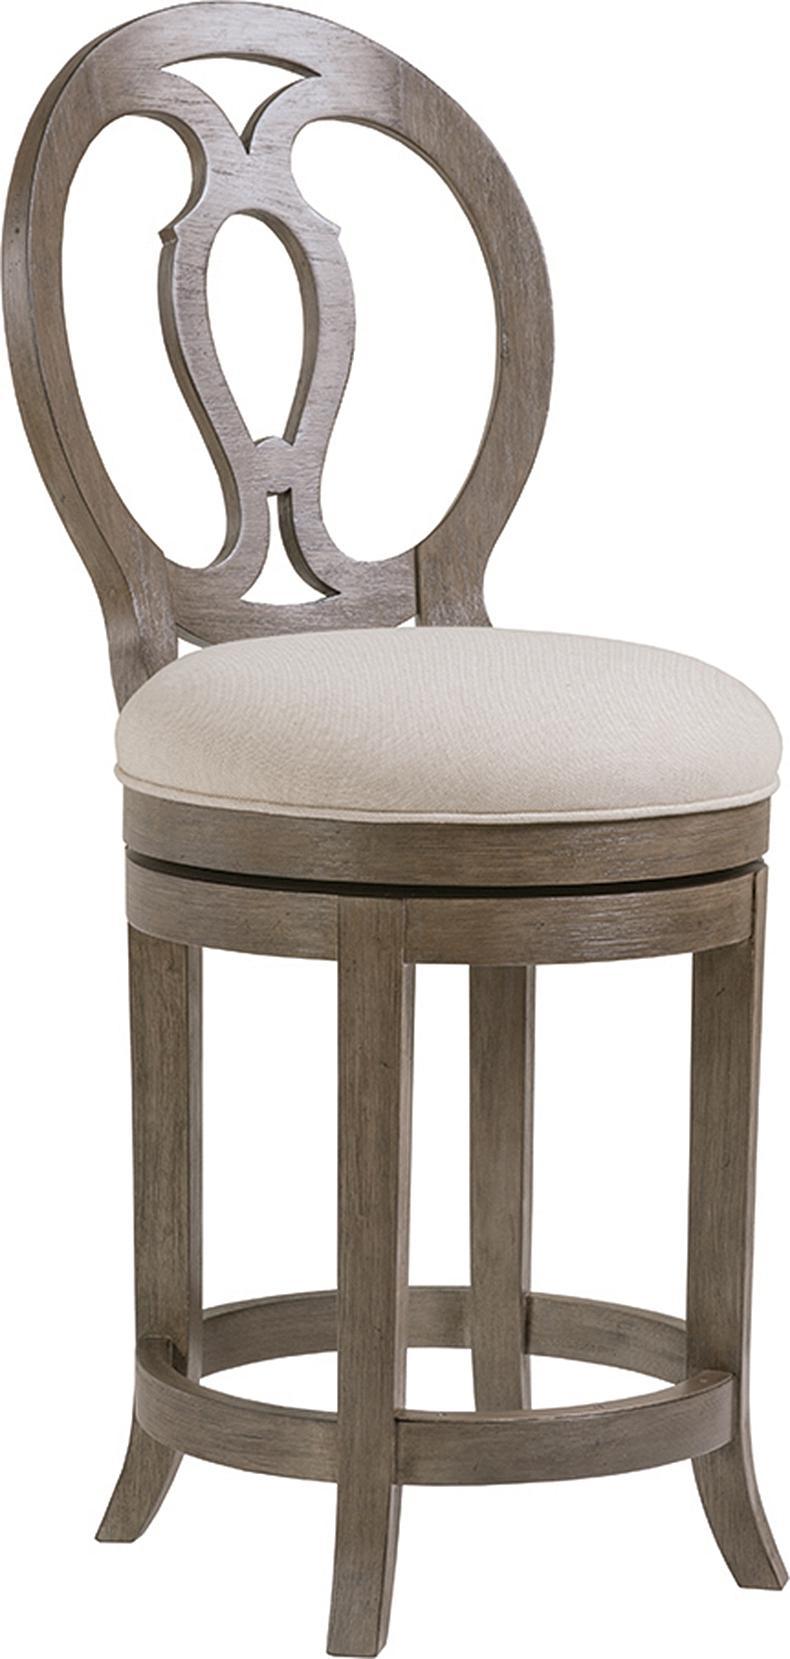 2005-895 Axiom旋转早餐椅